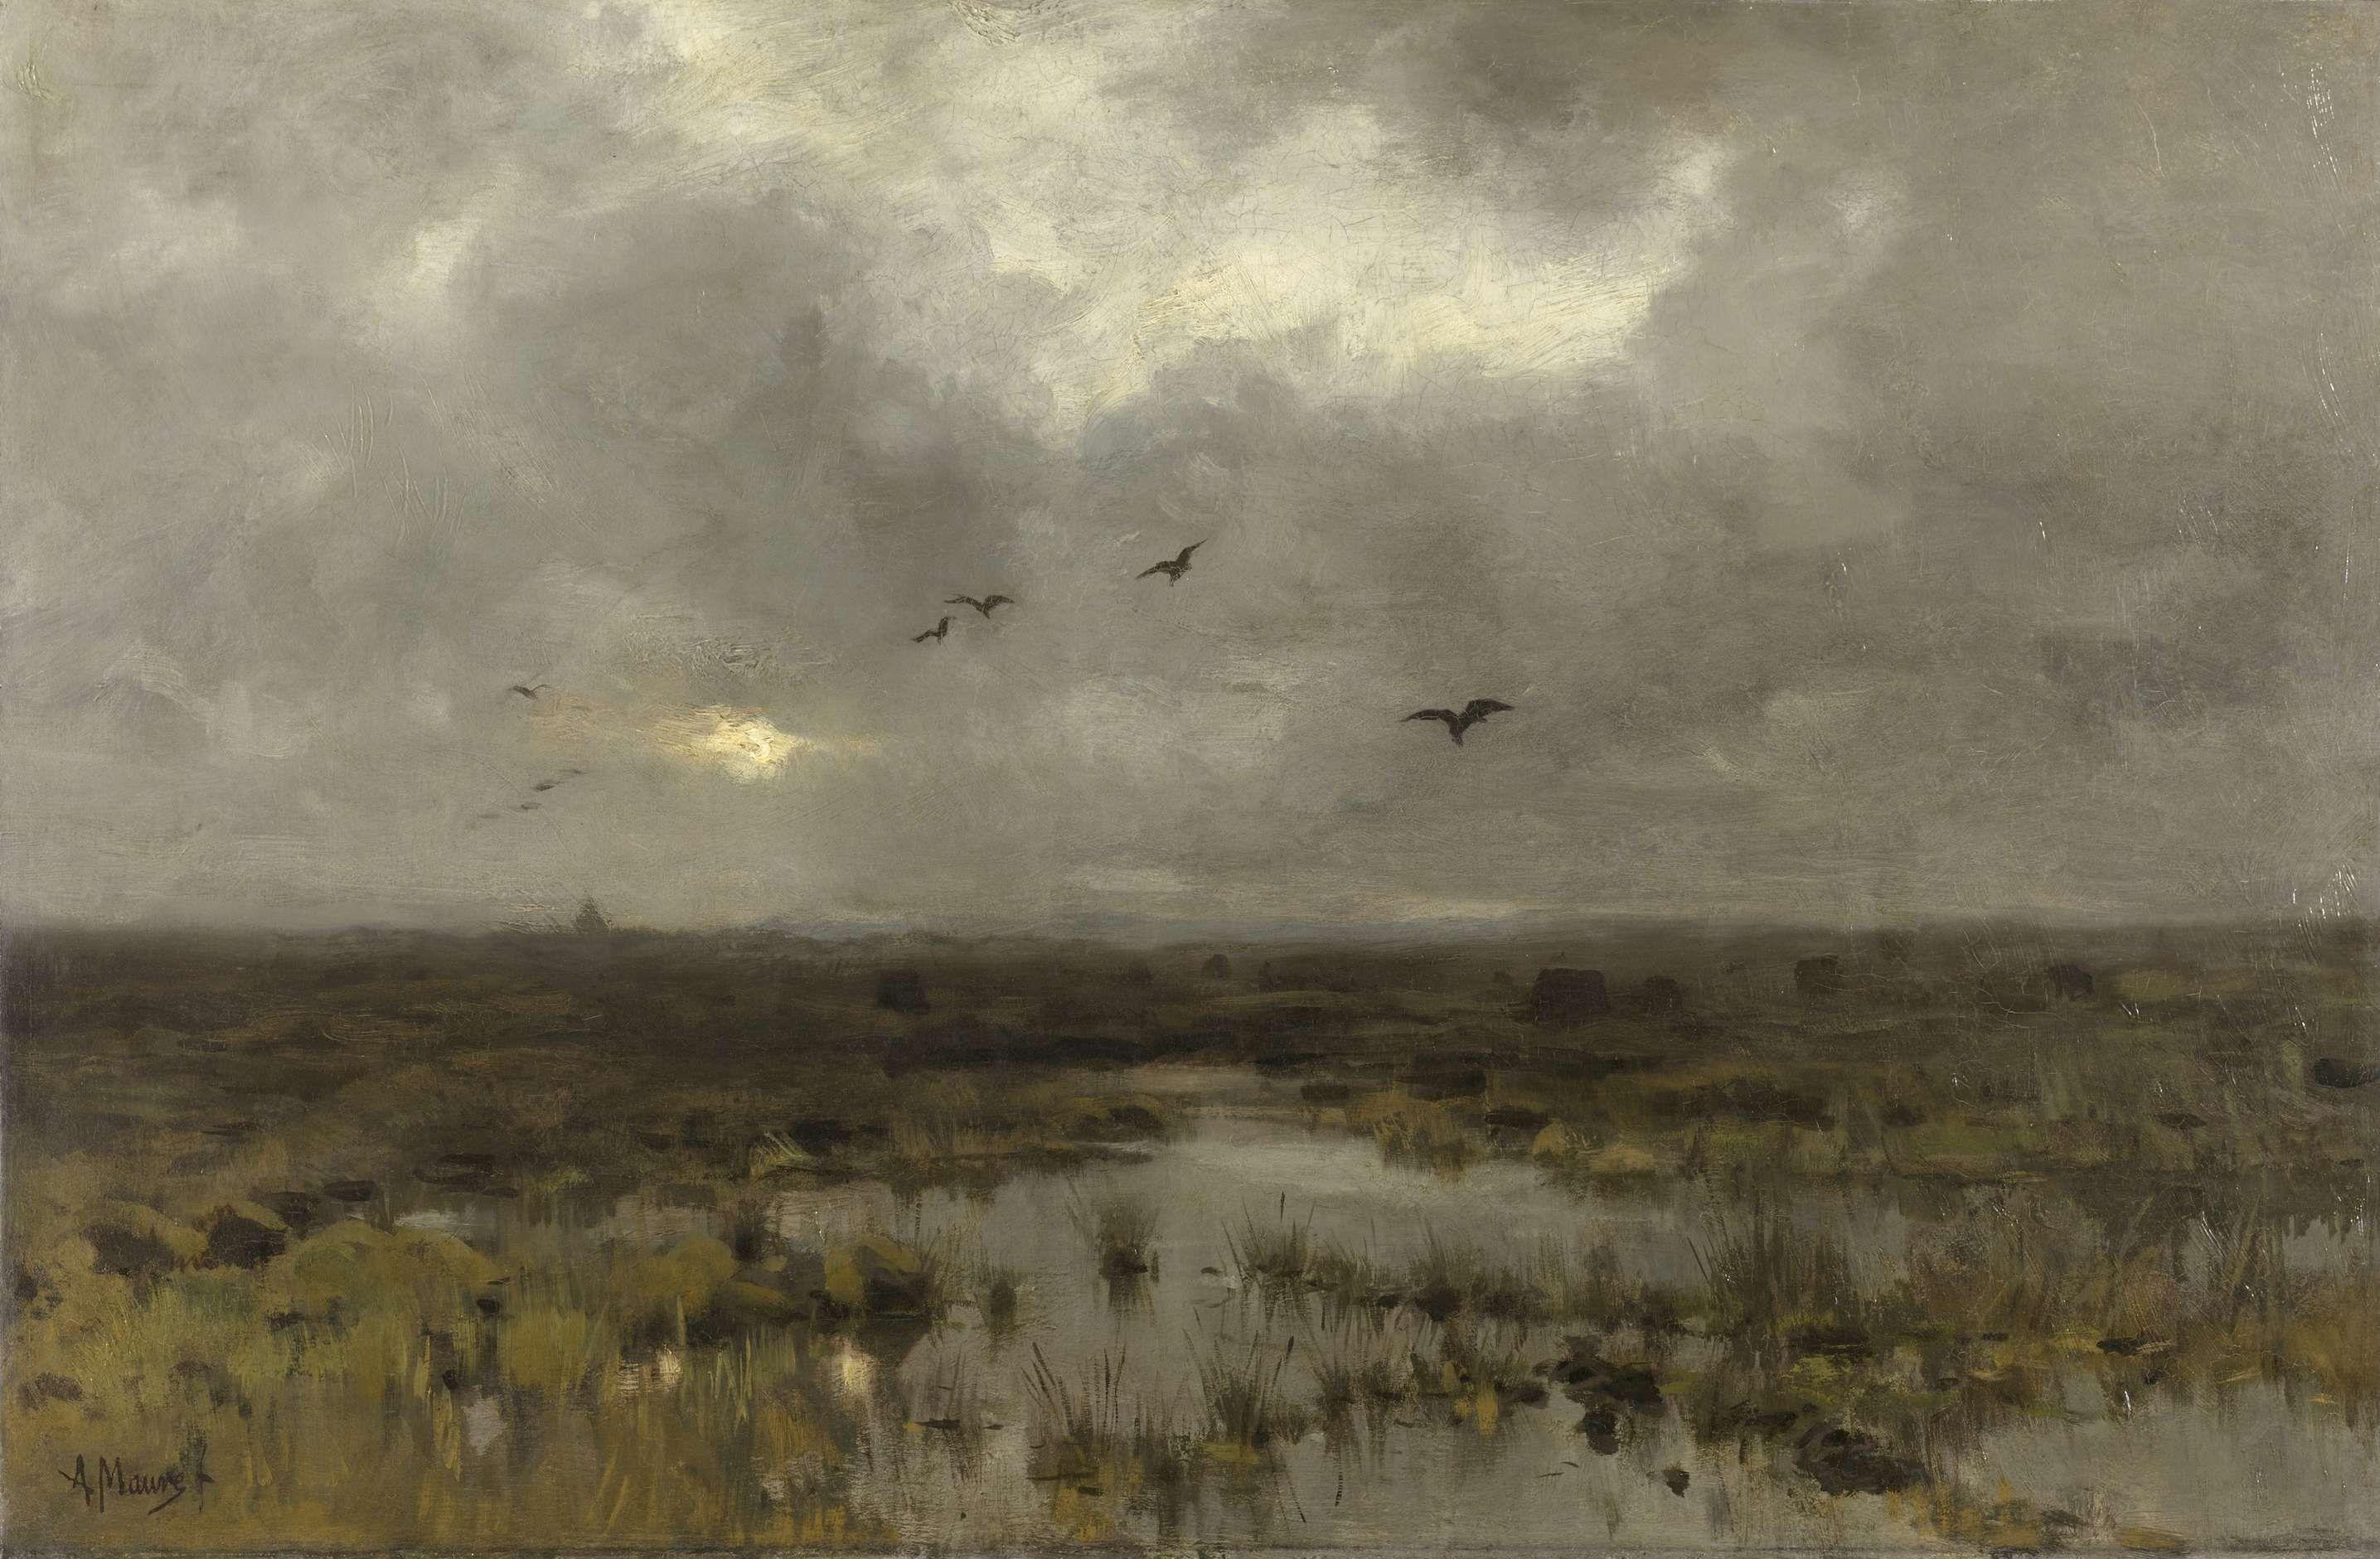 Het moeras, Anton Mauve, c. 1885 - c. 1888